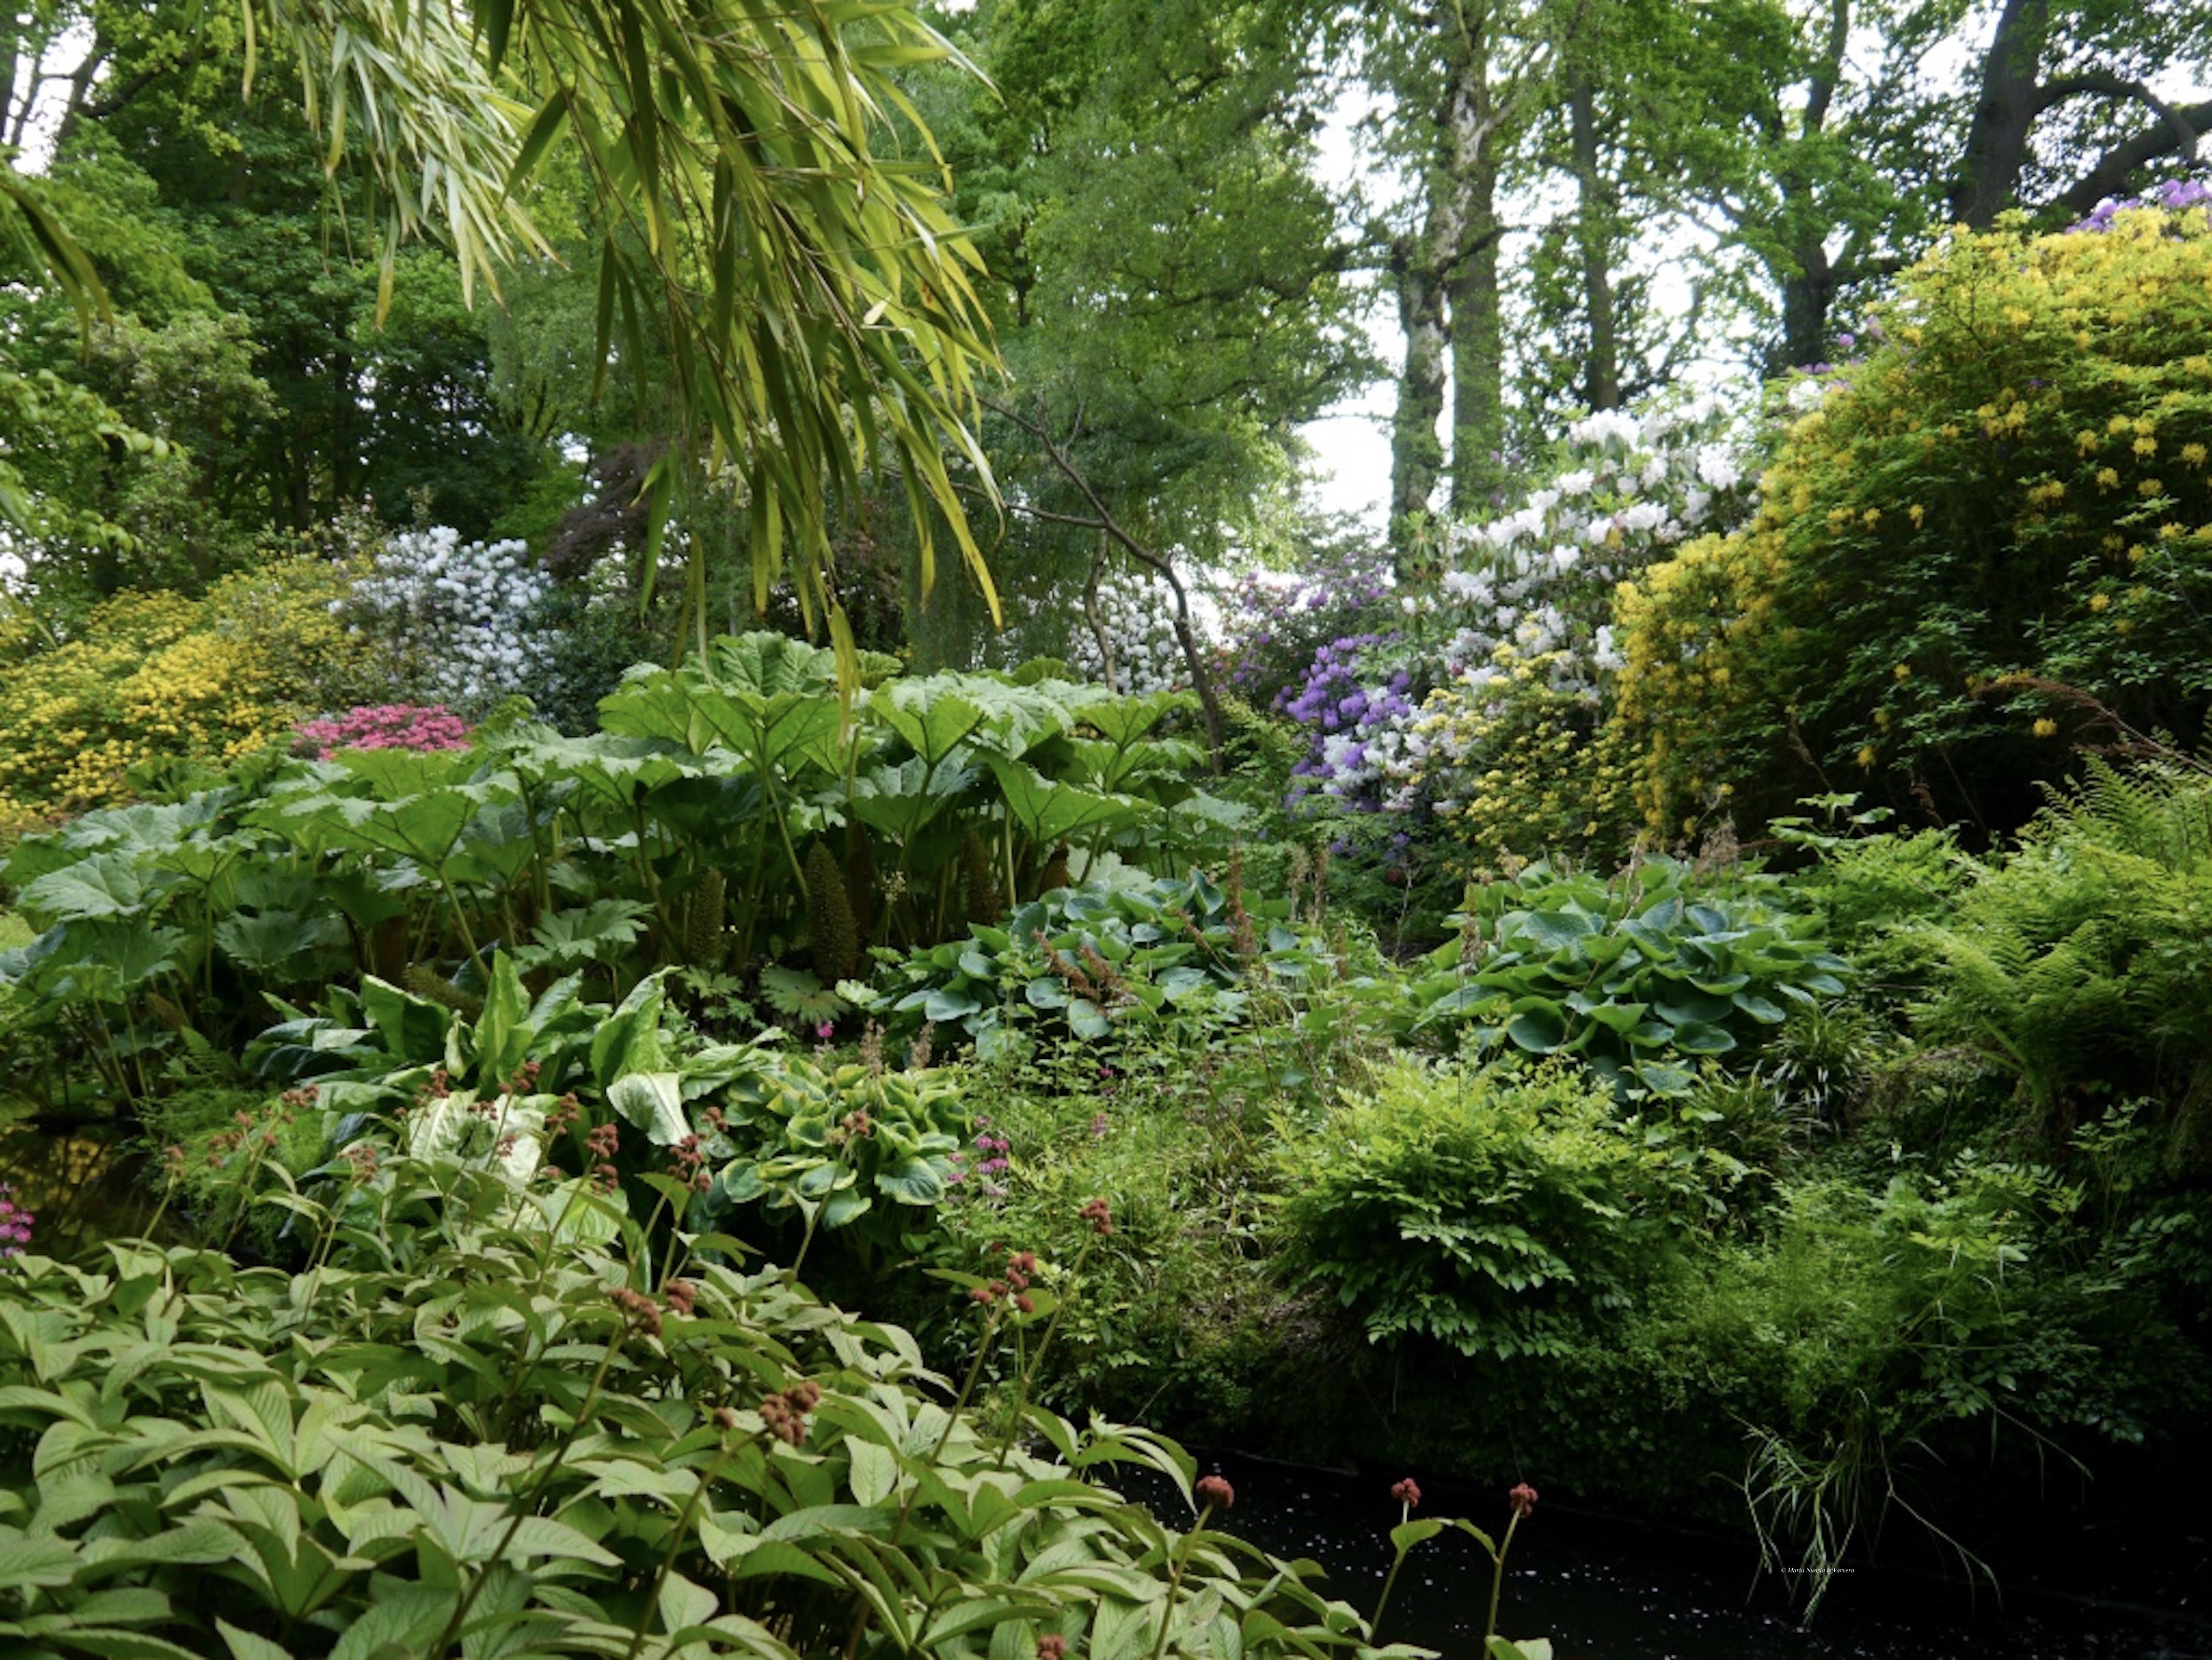 Hodnet_Hall_Gardens_©Maria_Nunzia__Varvera_P1460943_1024